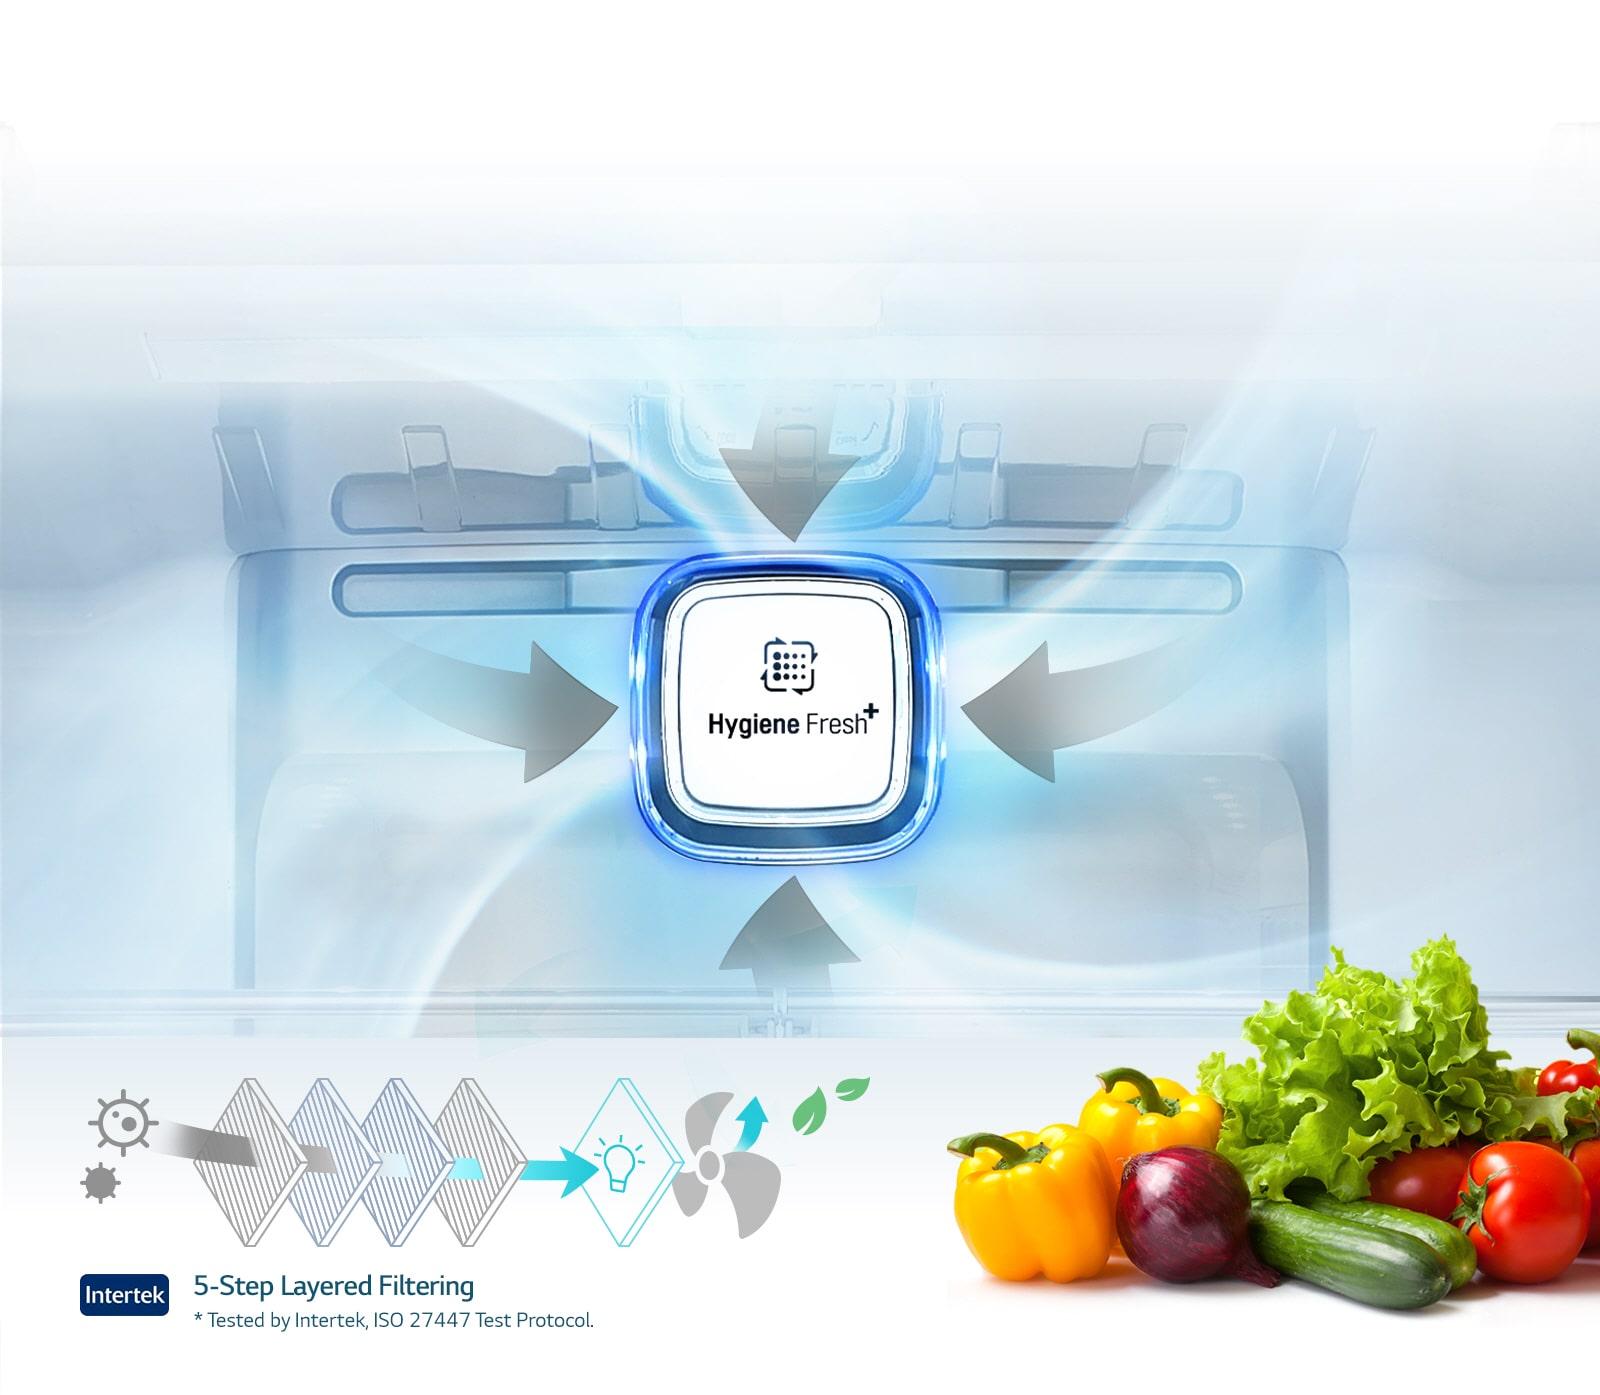 gr mfwahl multi door side by side refrigerator lg 99 999%252525 fresh air hygiene fresh